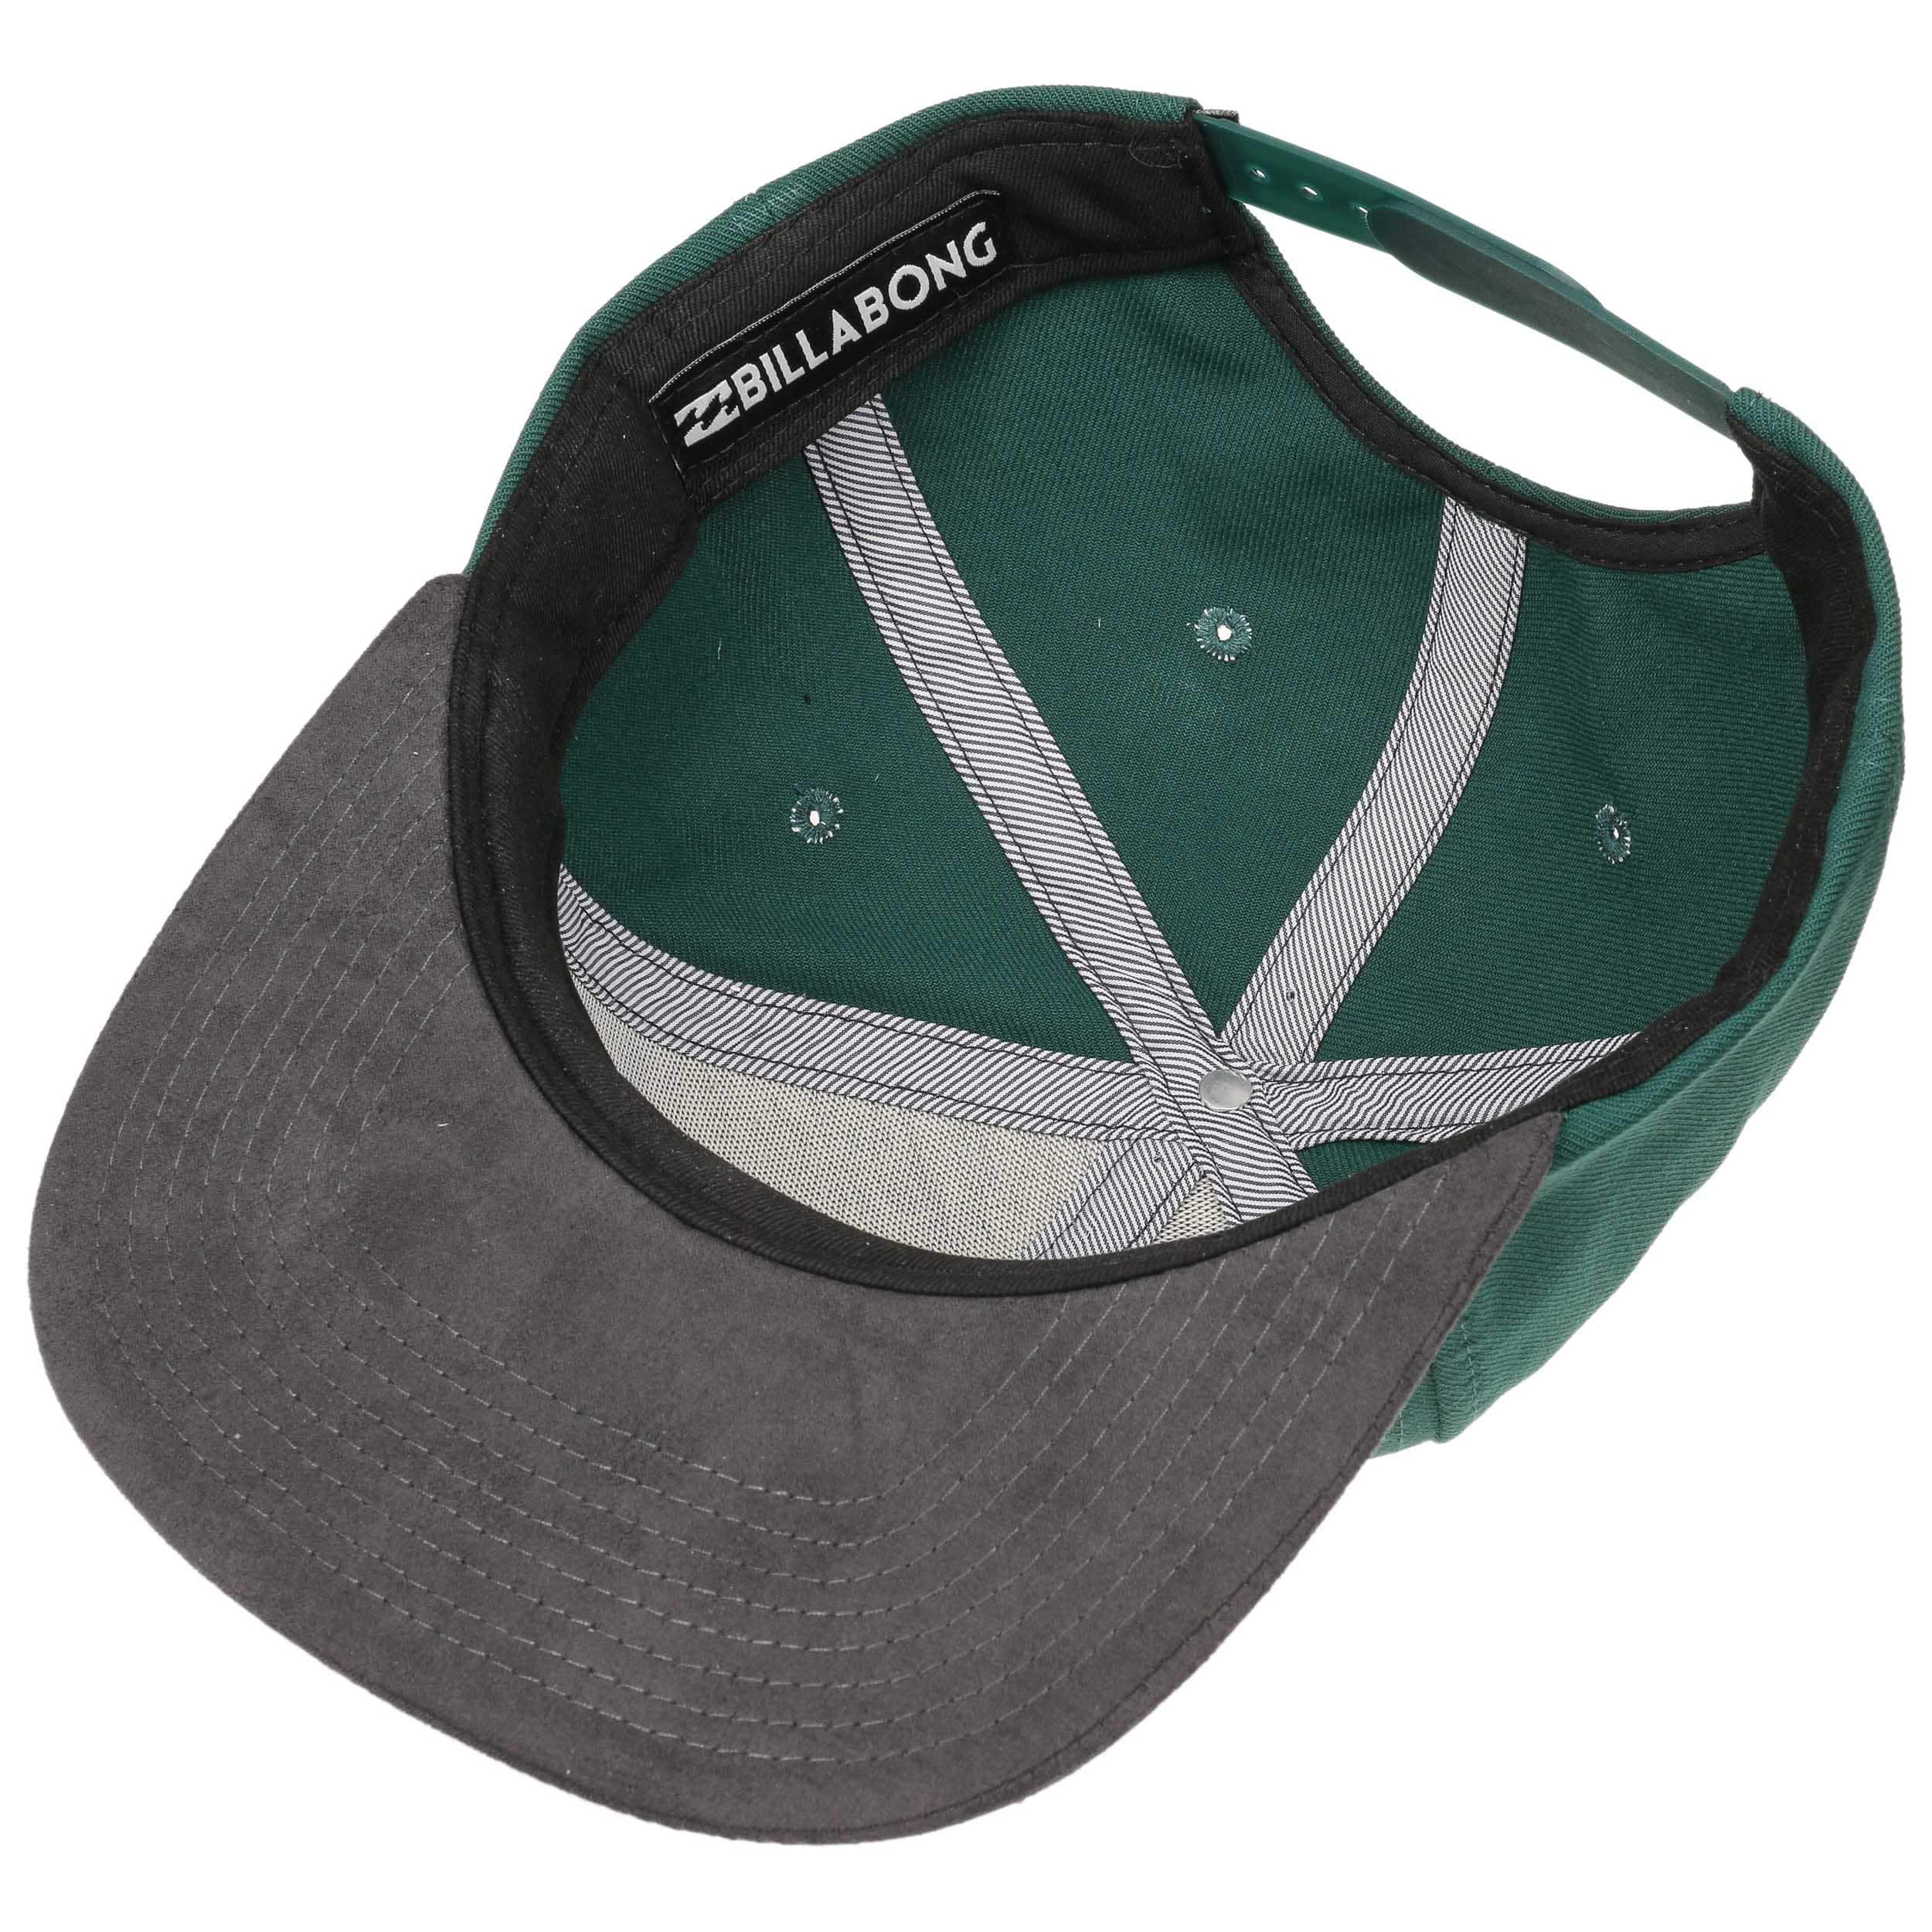 aa19ecd5 get billabong baseball cap 5c564 37747